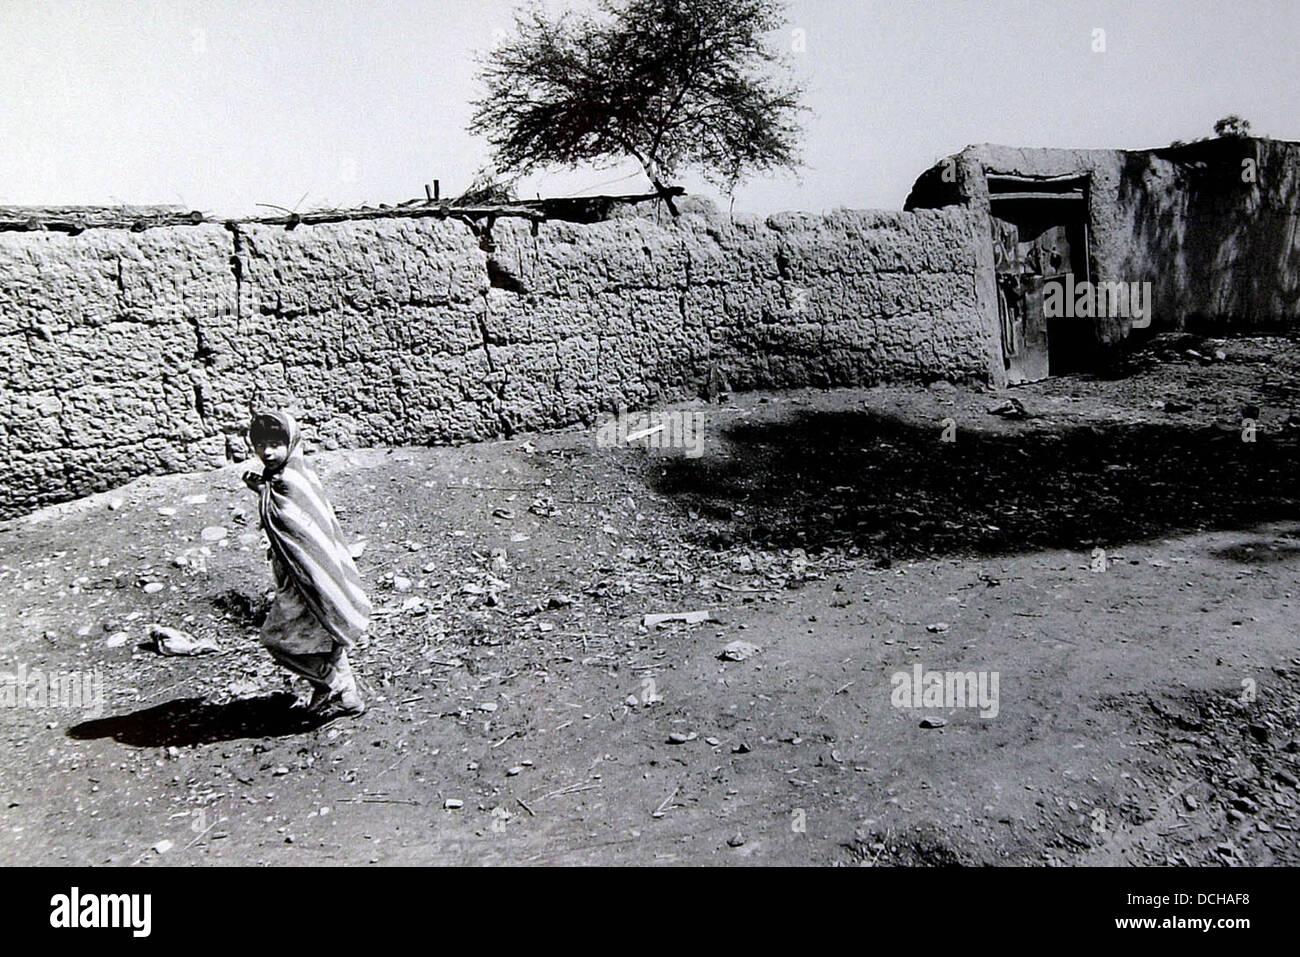 A young girl walks through a refugee camp near peshawar pakistan stock image